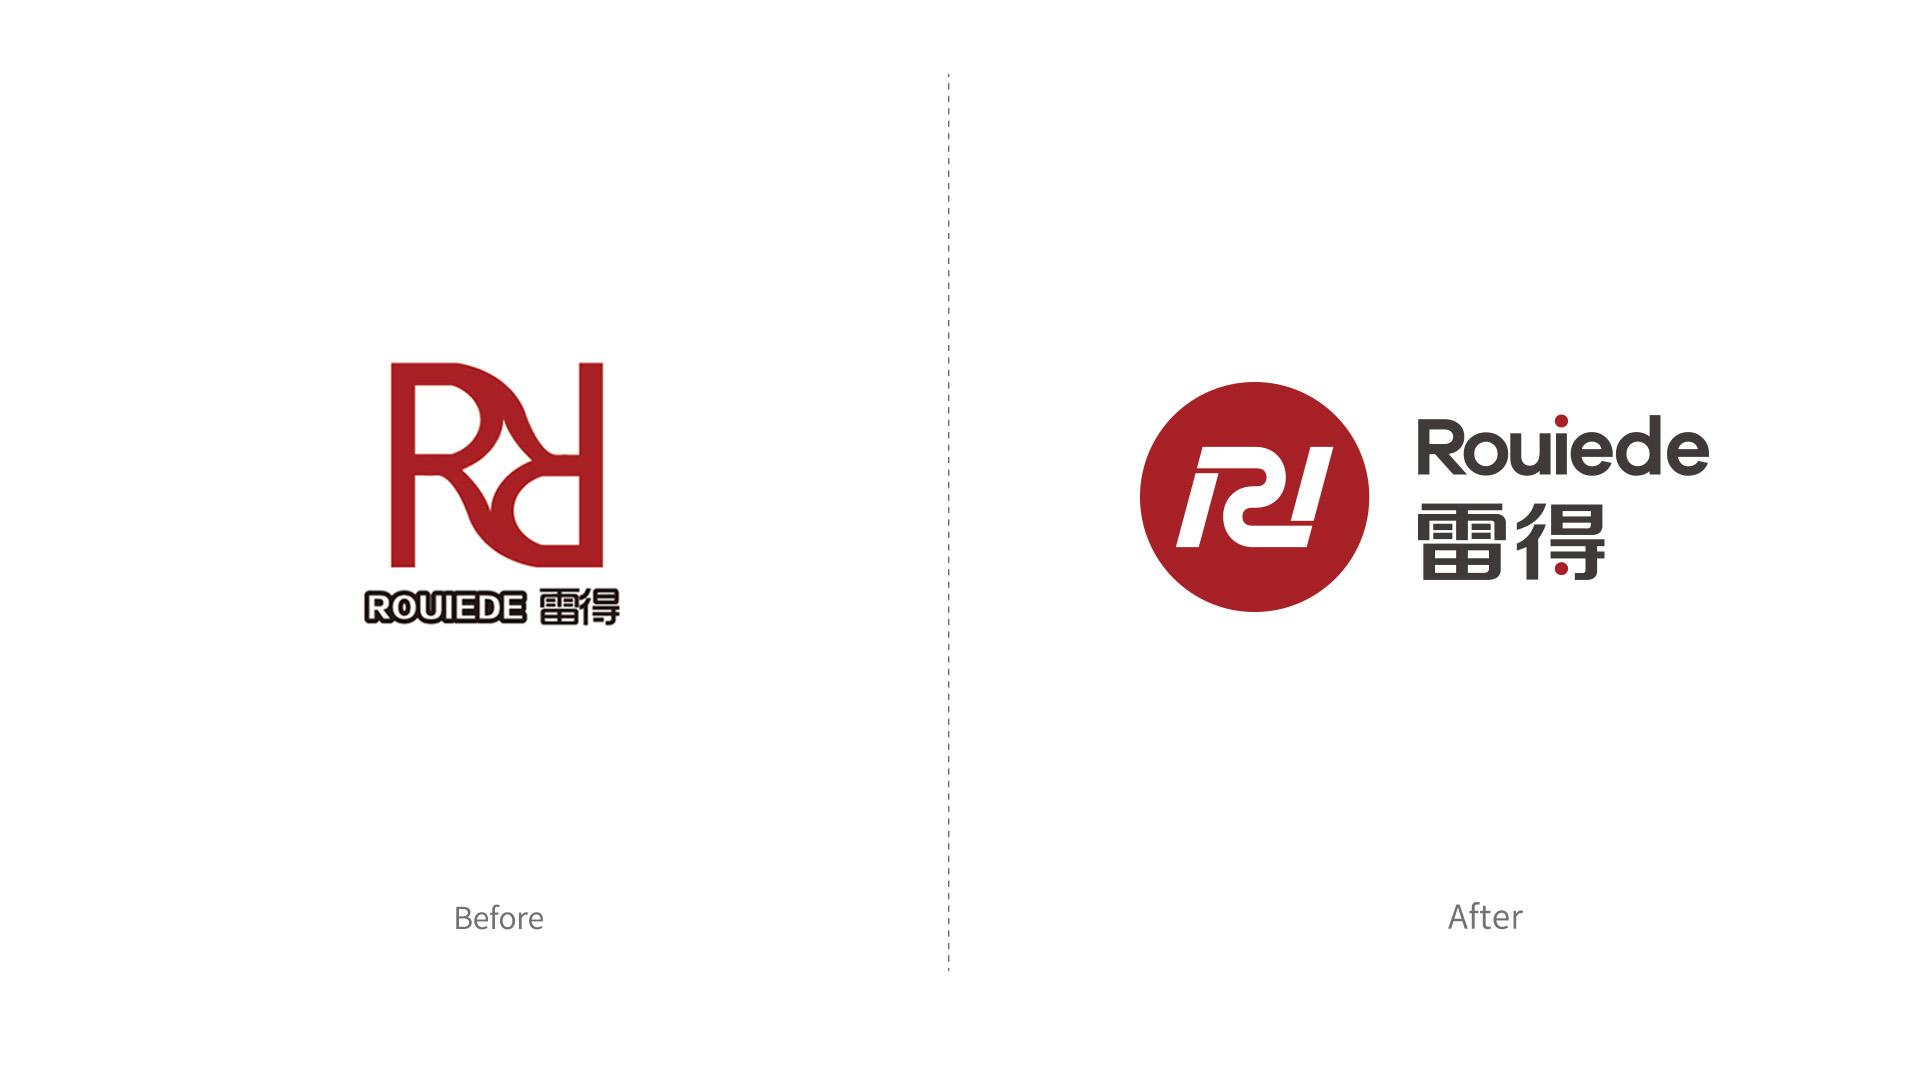 雷得电磁炉品牌形象改造升级设计logo设计